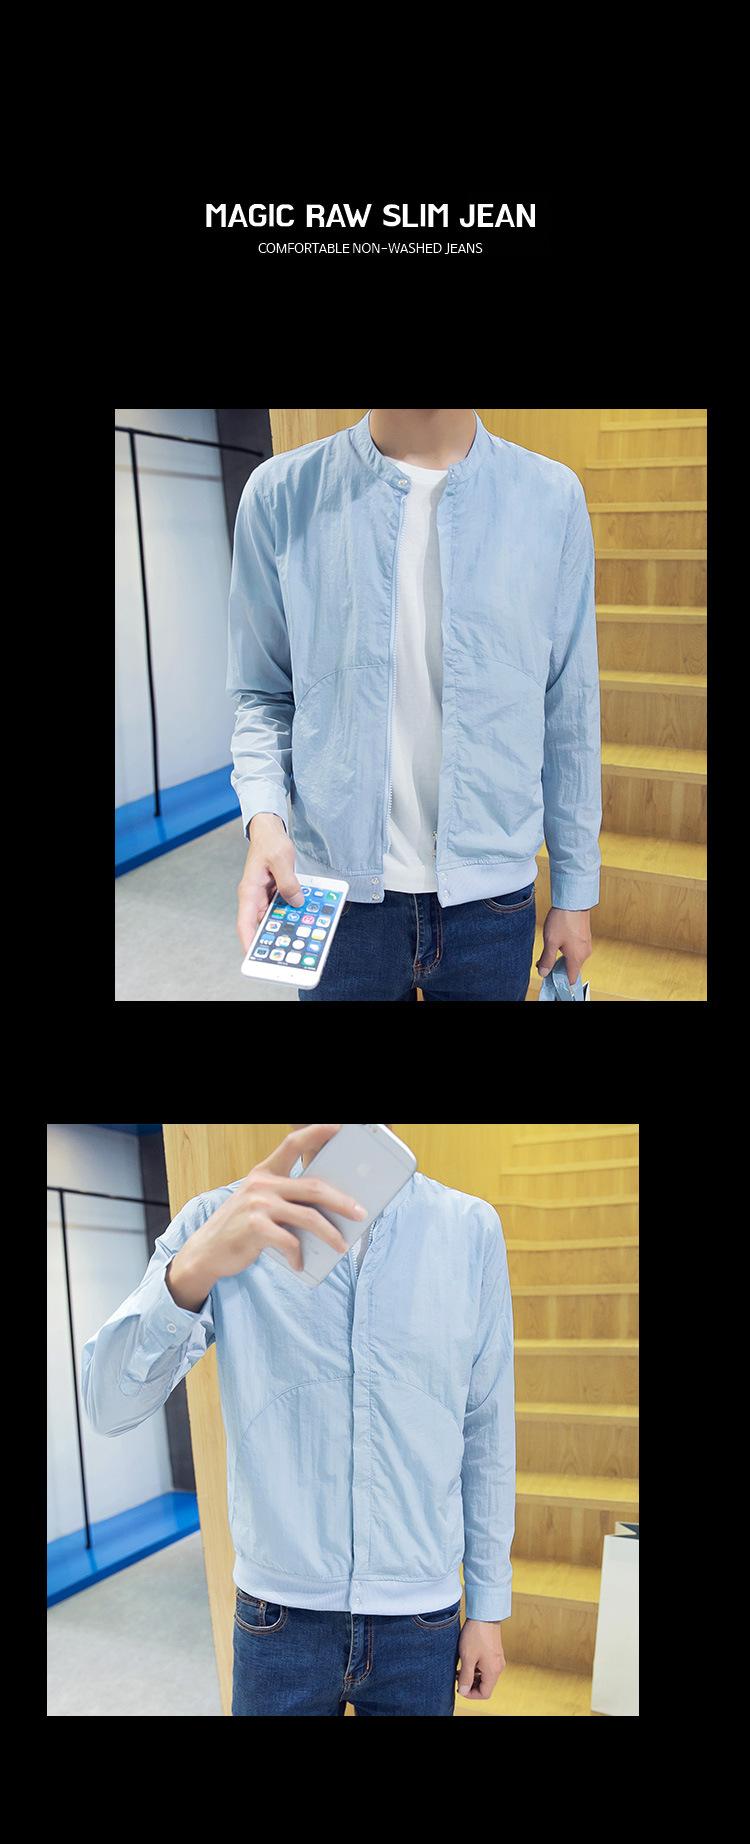 Của nam giới áo khoác 2018 mùa xuân và mùa hè mới Hàn Quốc phiên bản của tự trồng vài đồng phục bóng chày phần mỏng thoáng khí kem chống nắng quần áo nam áo khoác